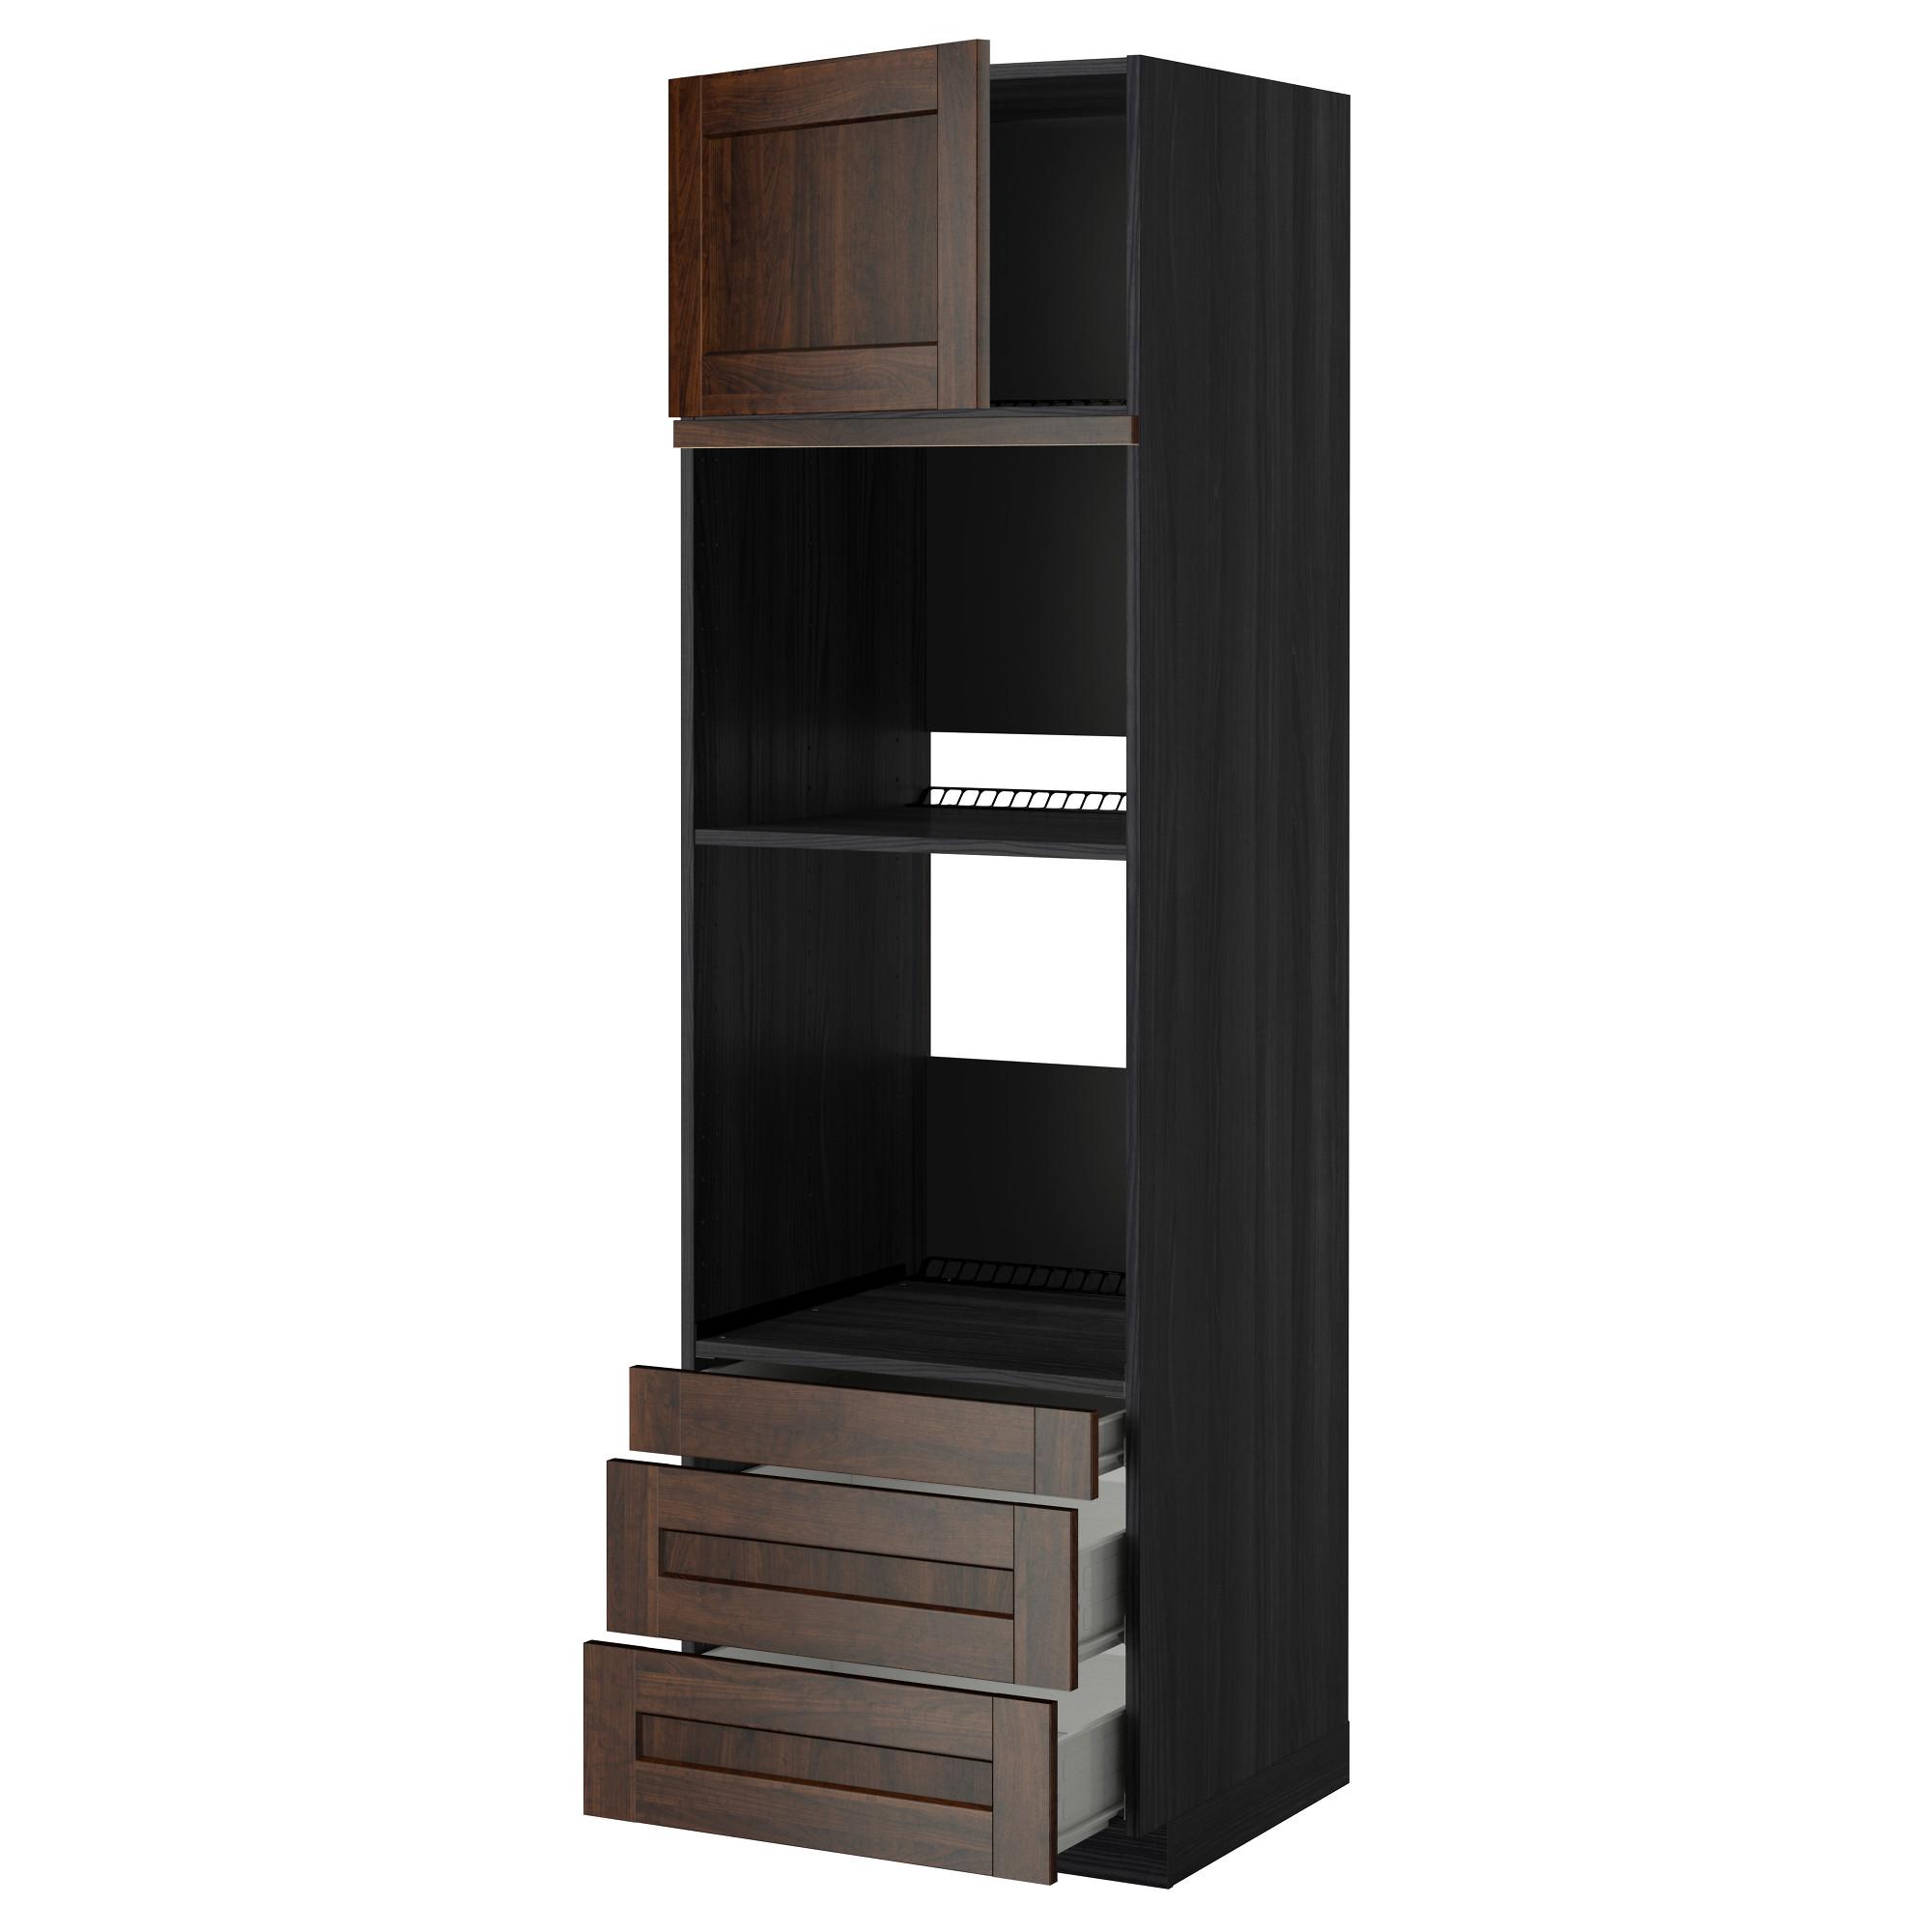 Высокий шкаф для духовки комбинированный, духовка + дверца, 3 ящика МЕТОД / ФОРВАРА черный артикуль № 092.618.42 в наличии. Онлайн каталог IKEA Республика Беларусь. Недорогая доставка и монтаж.